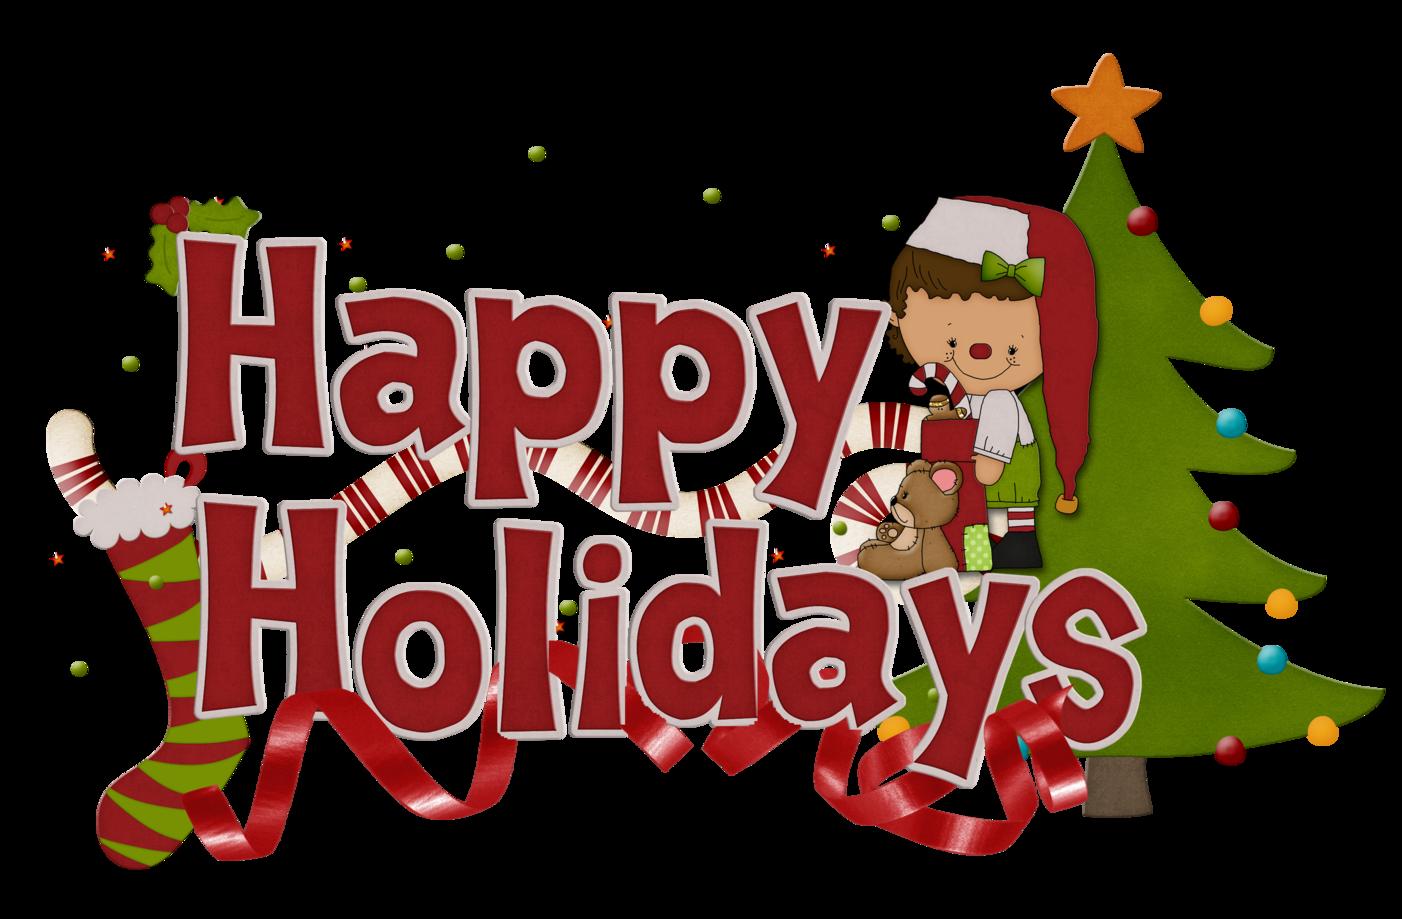 Happy Holidays Clip Art Free-Happy Holidays Clip Art Free-18